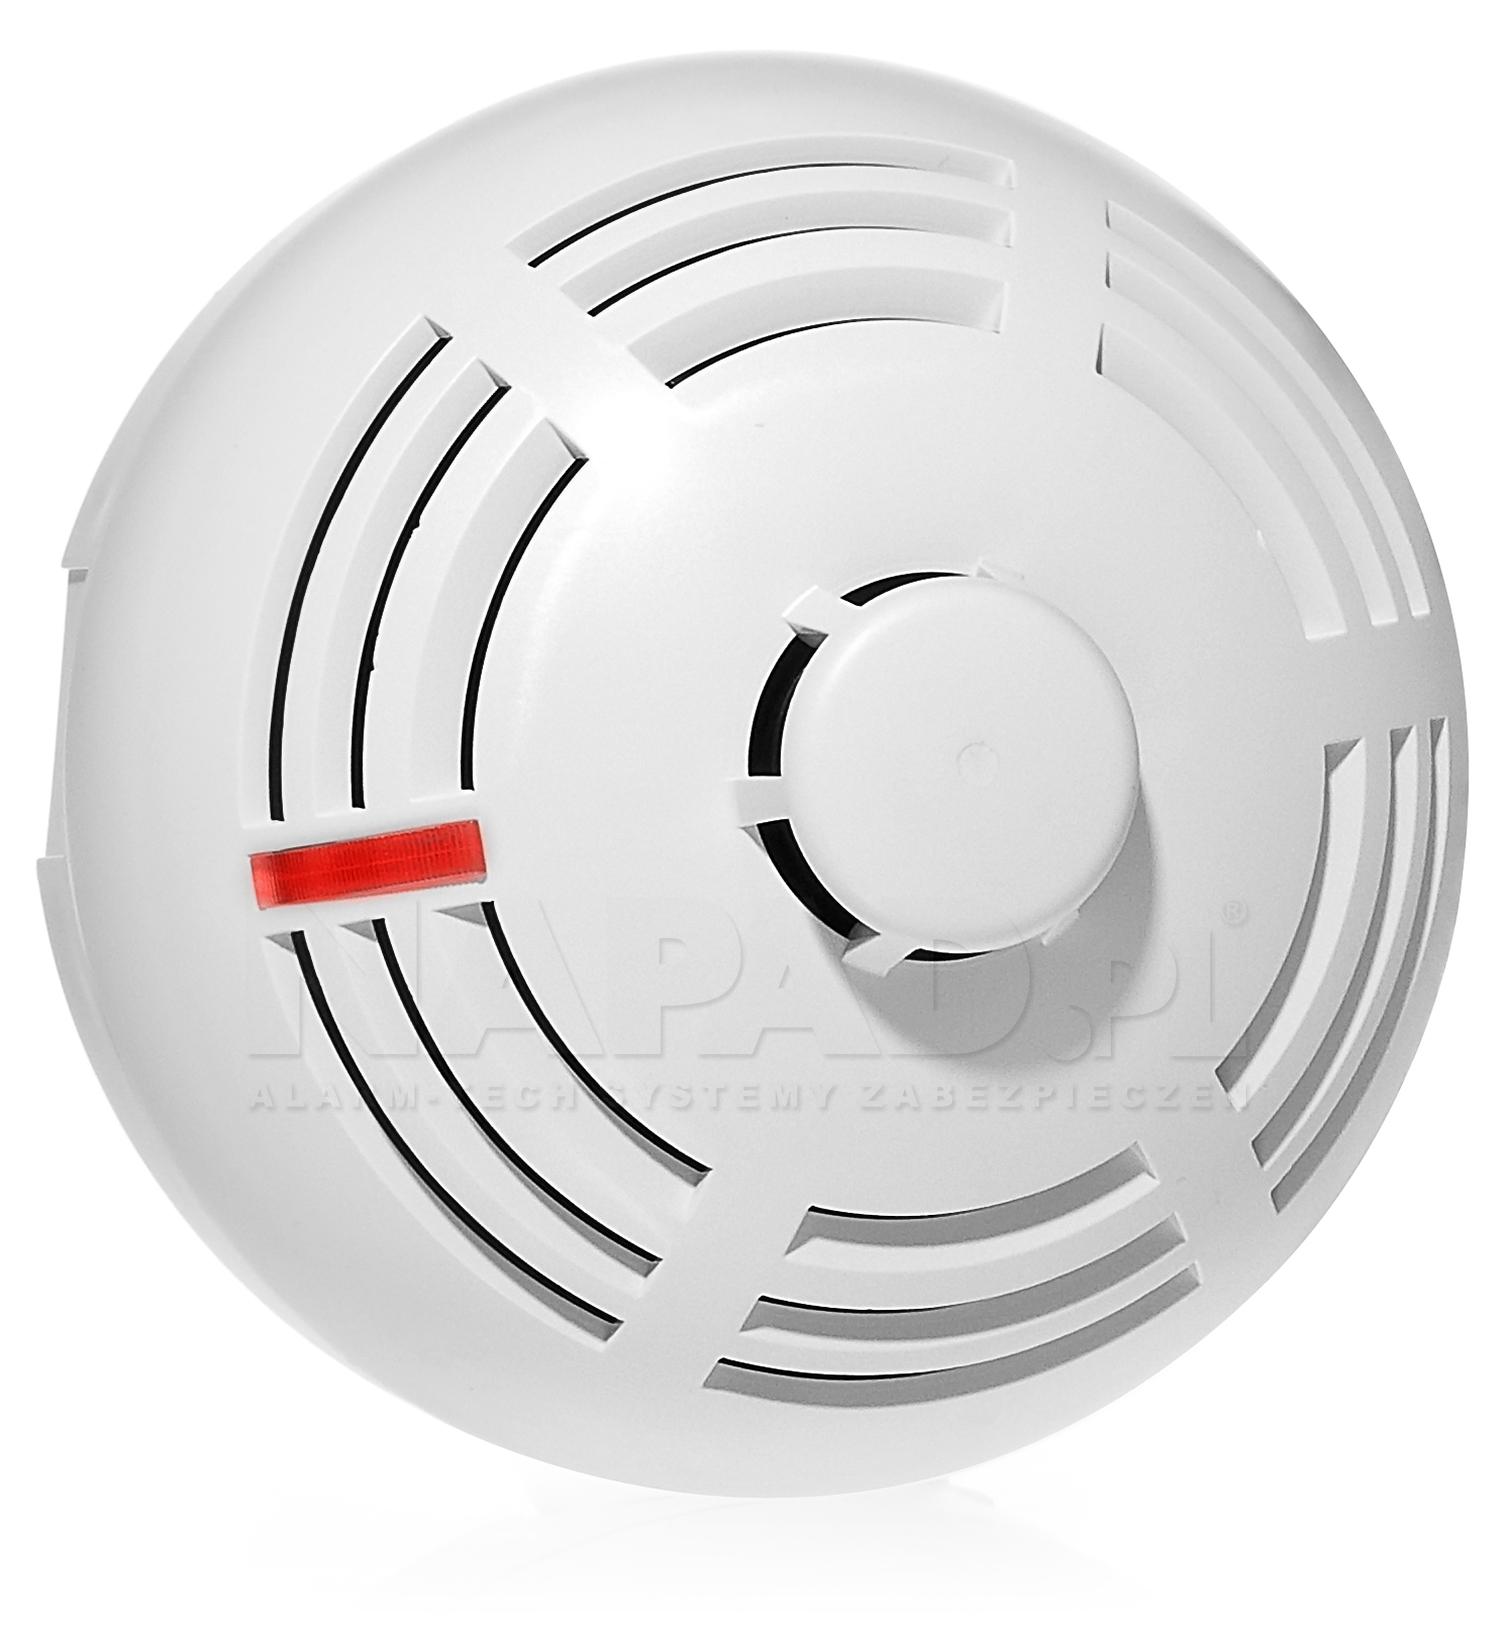 Punktowa wielodetektorowa czujka dymu i ciepła DMP-100